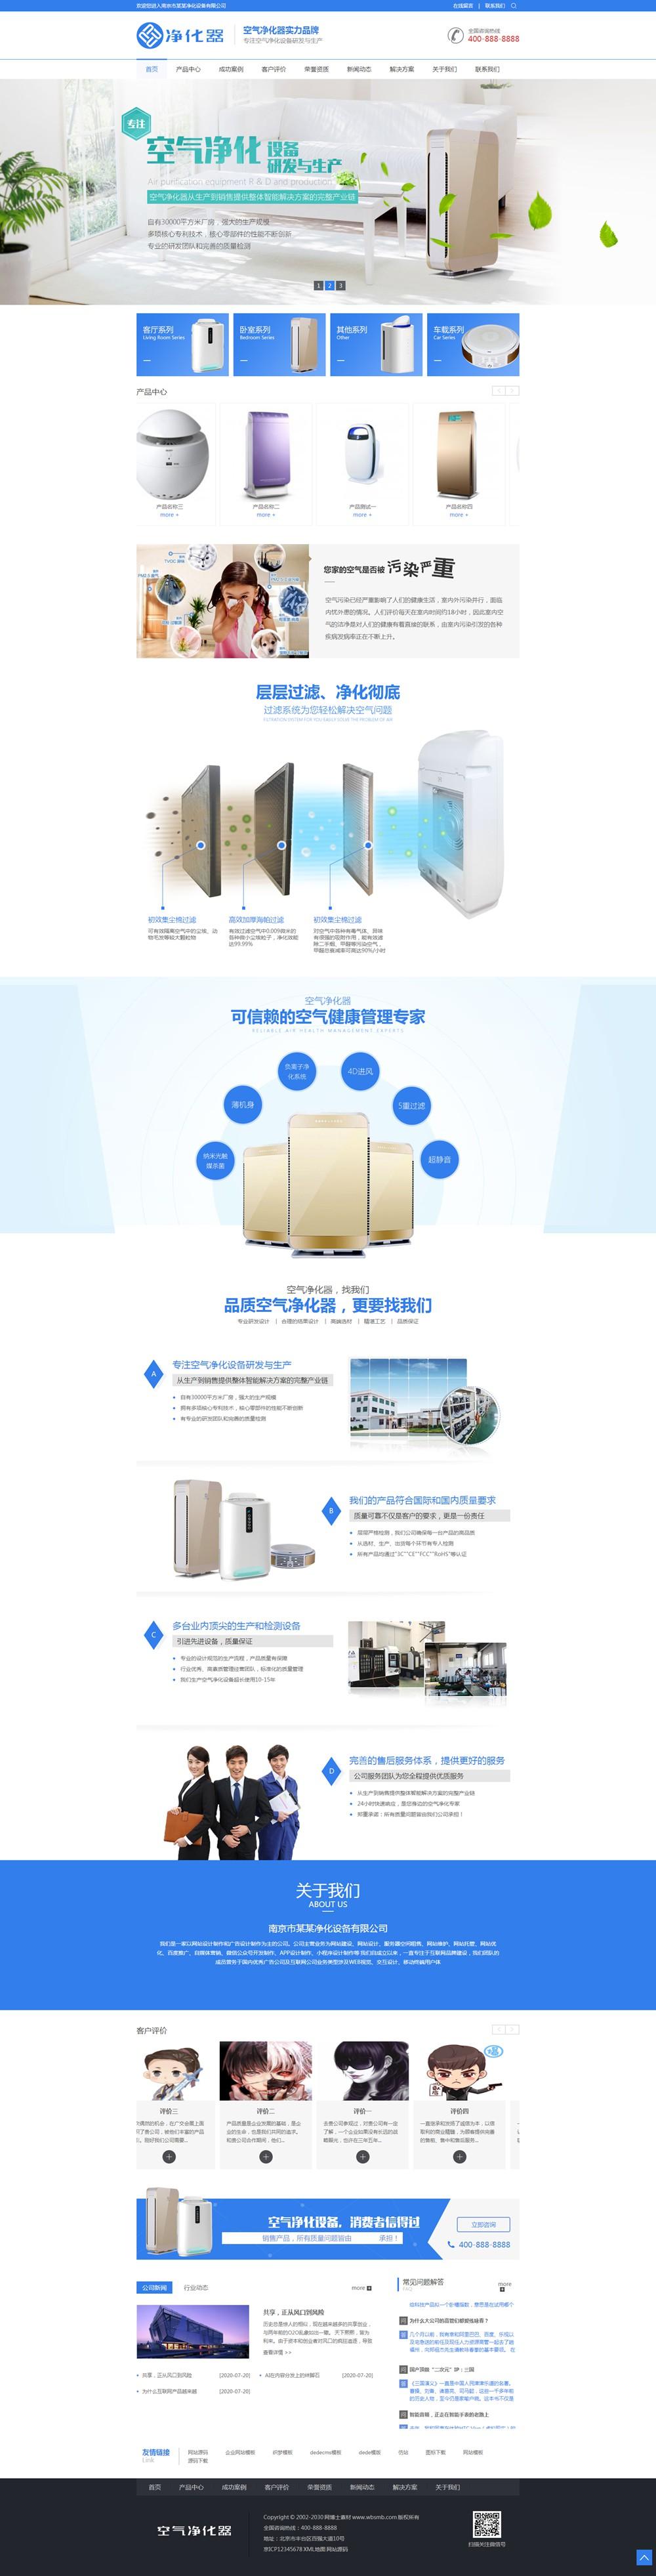 (带手机版数据同步)营销型车载空气净化器设备网站织梦模板 蓝色空气净化器网站源码